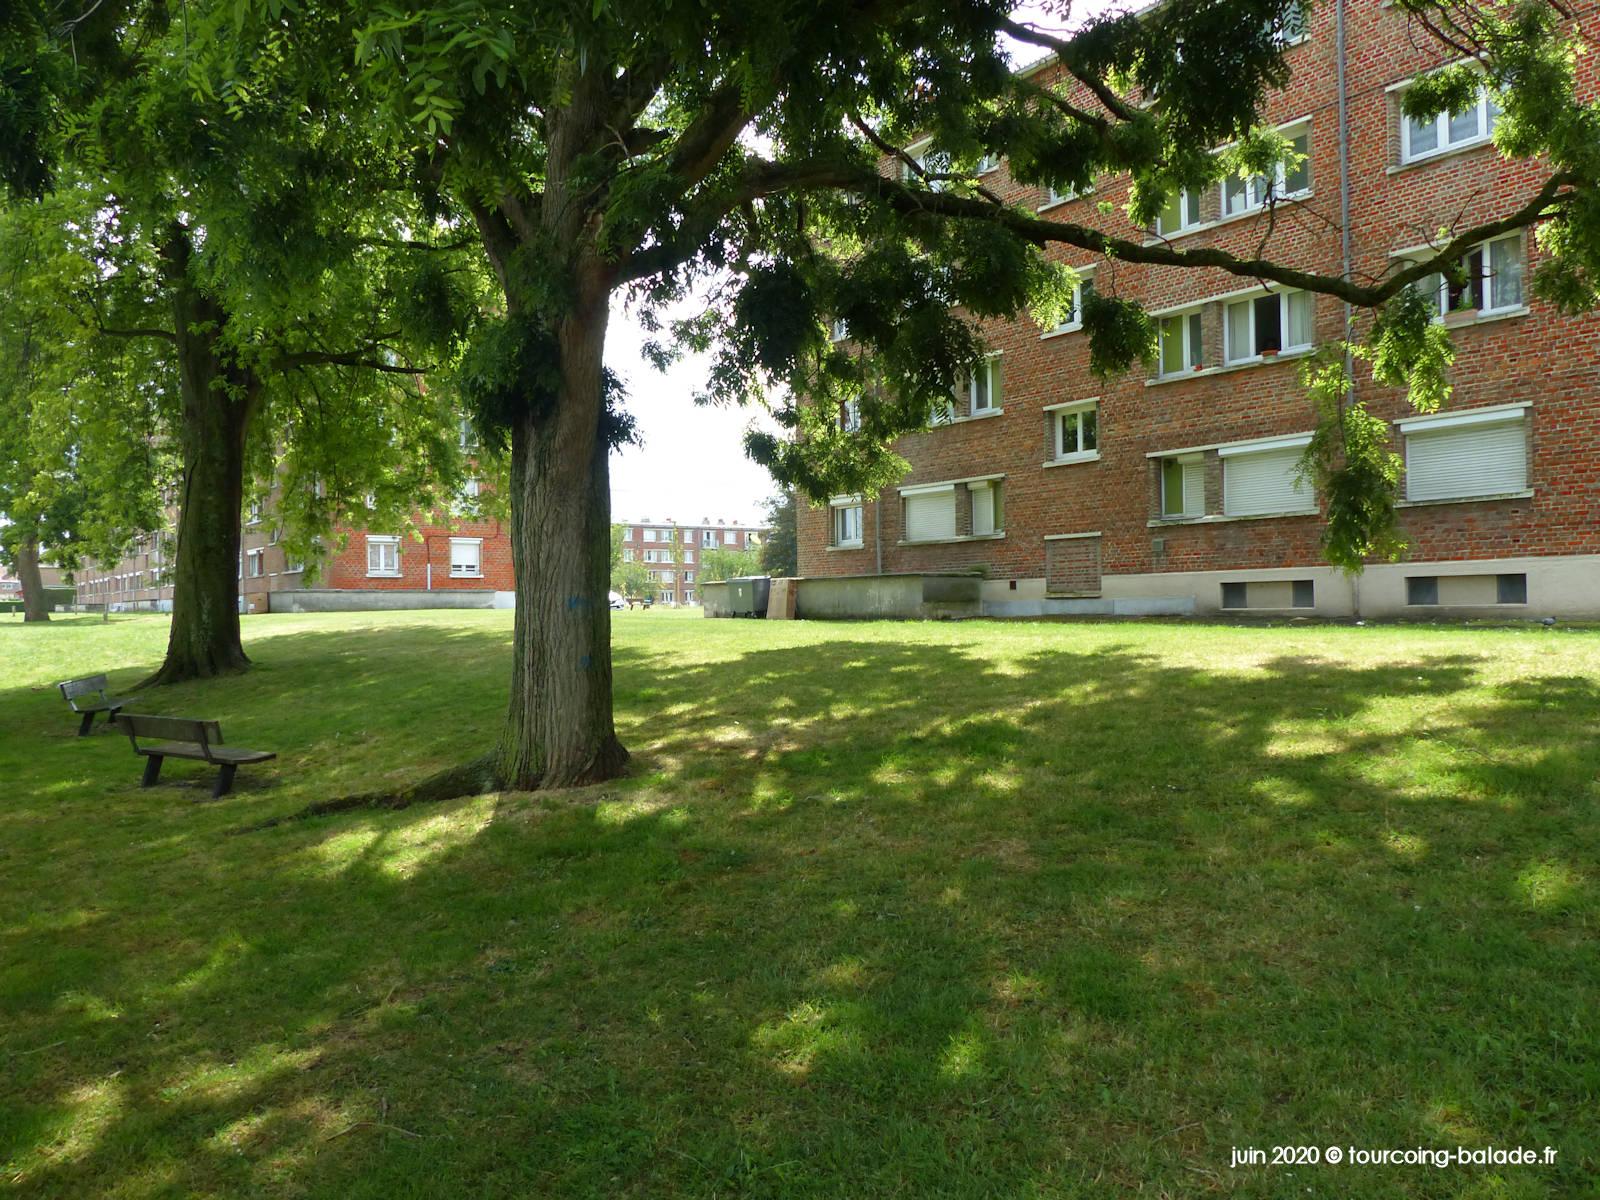 Résidence Drancourt, Pont de Neuville, Tourcoing 2020